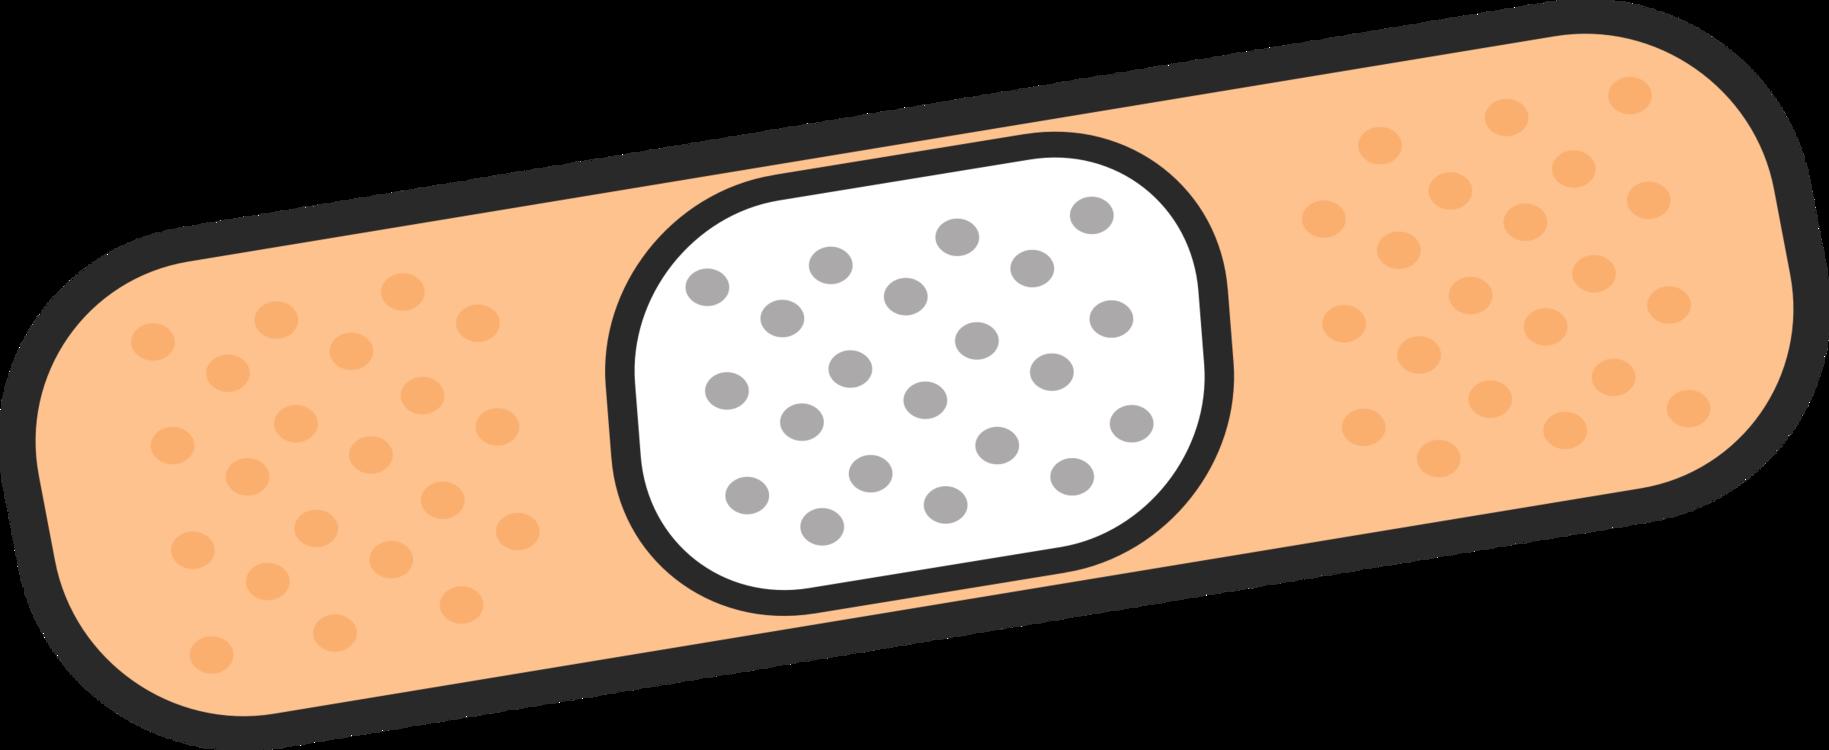 Adhesive bandage Band-Aid Fir - Bandaid Clipart